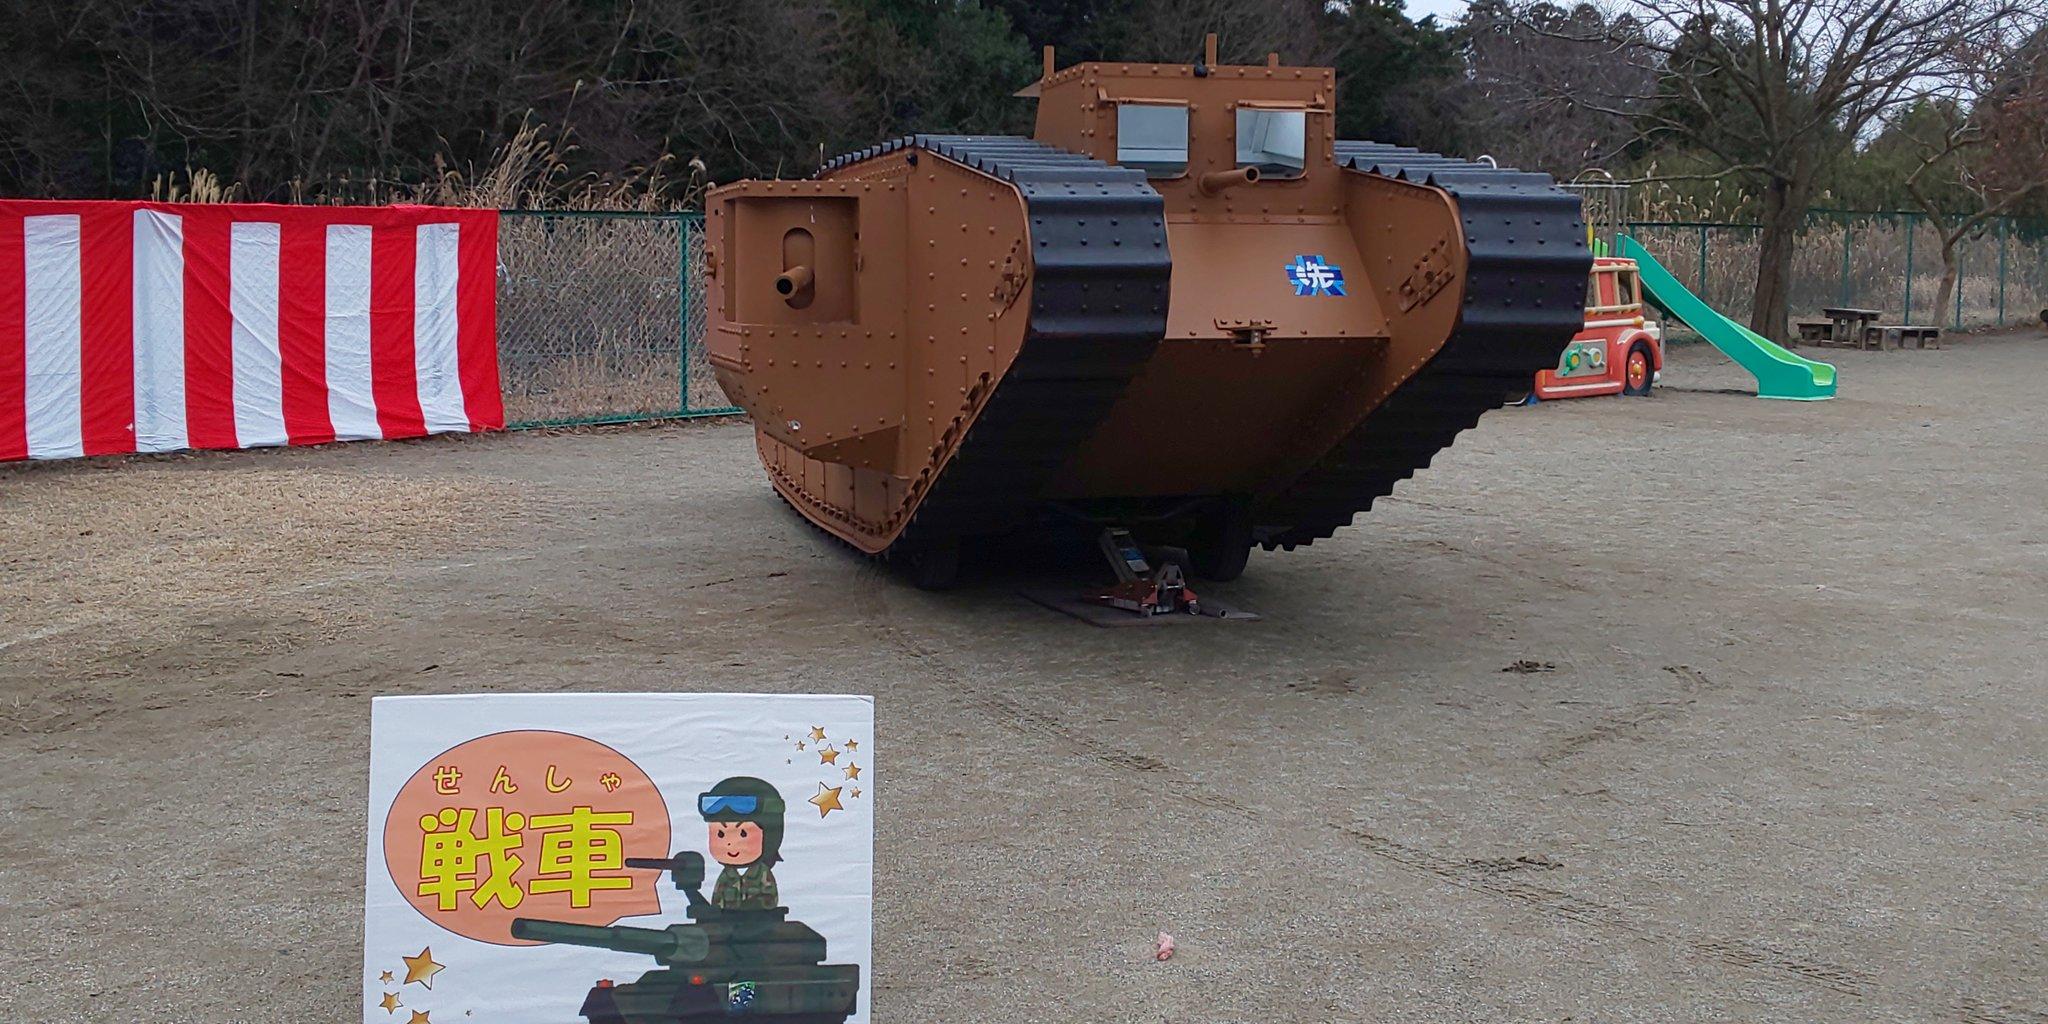 【画像】茨城県、保育園に戦車がやってきてしまう